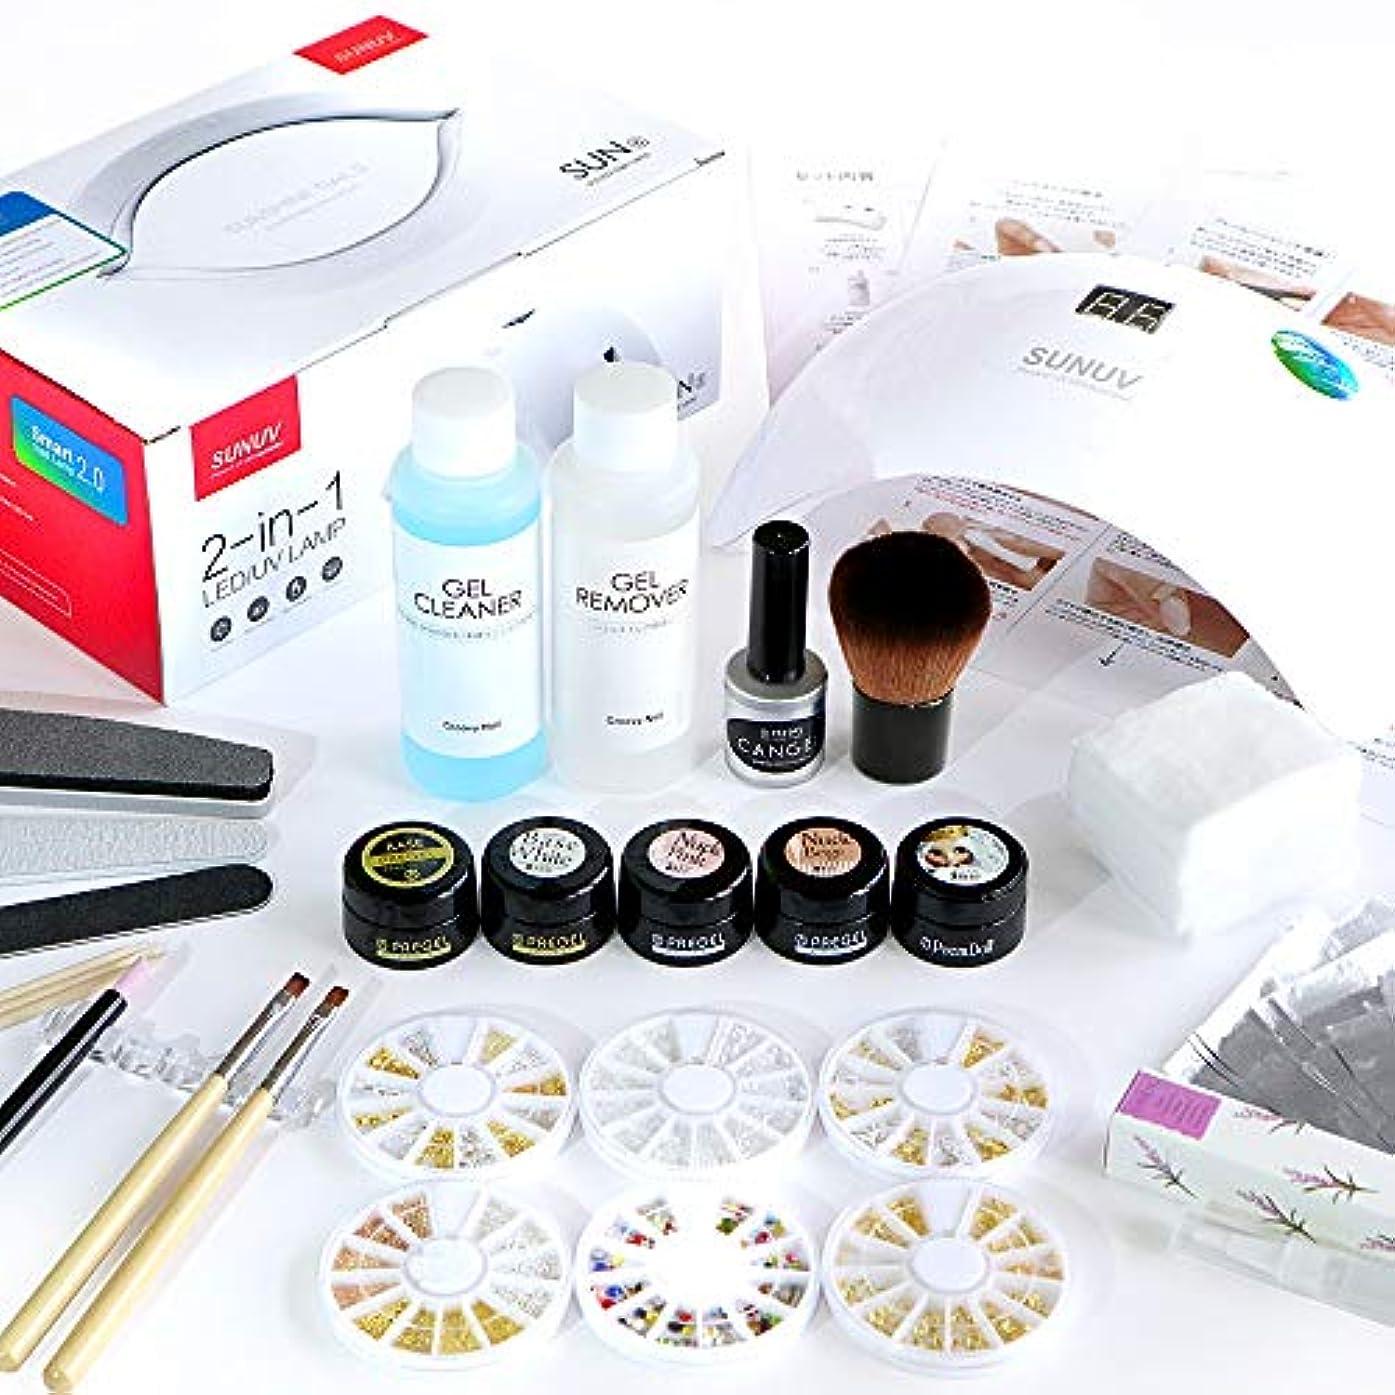 複製好むテレビPREGEL プリジェル ジェルネイル スターターキット 日本製カラージェル4色+LEDライト48W ネイルアート 初心者におすすめ